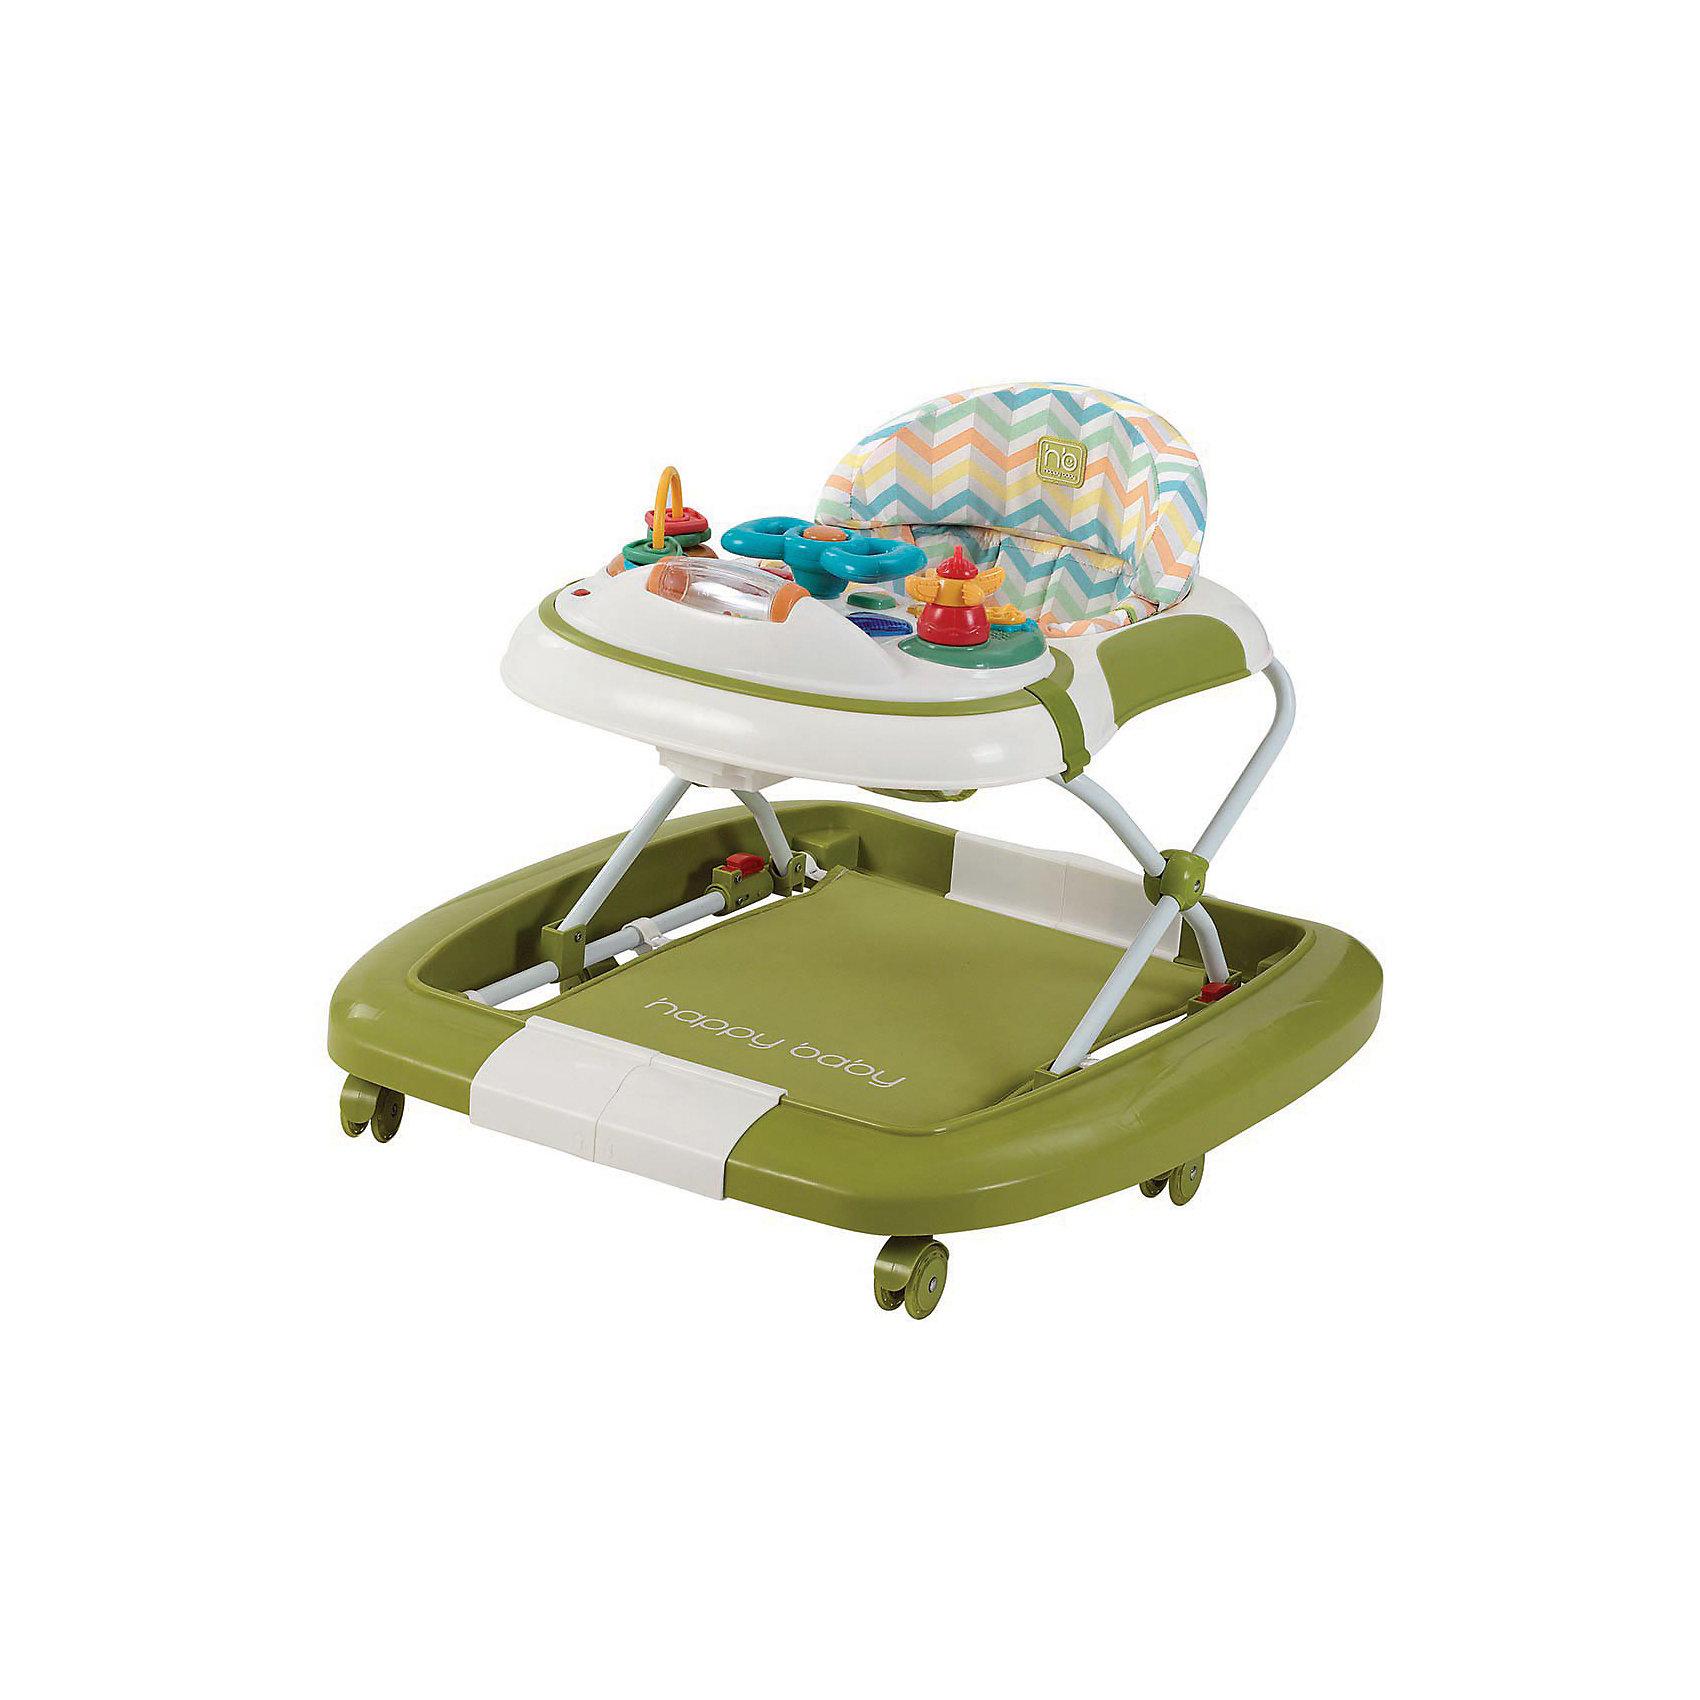 Ходунок-качалка Robin, Happy Baby, зеленыйХодунок-качалка Robin, Happy Baby (Хеппи Беби), зеленый – это удобные и функциональные ходунки, которые трансформируются в качалку.<br>Яркие цвета ходунков Robin понравятся и родителям, и малышам. Ходунки-качалка на широком и устойчивом основании предназначены для ребенка с 6 до 18 месяцев. Регулируемое по высоте сиденье легко фиксируется в одном из трёх положений. Если ребенку надоело ходить или он устал – конструкция легко превращается в качалку с подвесным ковриком для ножек. Мягкие силиконовые колеса обеспечивают комфортное перемещение и не царапают напольное покрытие. Съёмный чехол легко чистить, компактная конструкция удобна для хранения даже в небольшой квартире. Игровая панель с увлекательными игрушками и звуковыми эффектами развивает зрение, слух, хватательный рефлекс и мелкую моторику. Игровая панель легко снимается, открывая столик с подстаканником.<br><br>Дополнительная информация:<br><br>- Цвет: зеленый<br>- Размер в сложенном виде: 70х68х30 см.<br>- Размер в разложенном виде: 70х68х54 см.<br>- Регулируемое сиденье на высоте: 22, 24 и 26 см.<br>- Игровая панель работает от двух пальчиковых батареек тип АА (в комплект не входят)<br>- Вес: 5.8 кг.<br><br>Ходунок-качалку Robin, Happy Baby(Хеппи Беби), зеленый можно купить в нашем интернет-магазине.<br><br>Ширина мм: 135<br>Глубина мм: 675<br>Высота мм: 745<br>Вес г: 6140<br>Возраст от месяцев: 6<br>Возраст до месяцев: 18<br>Пол: Унисекс<br>Возраст: Детский<br>SKU: 3877620